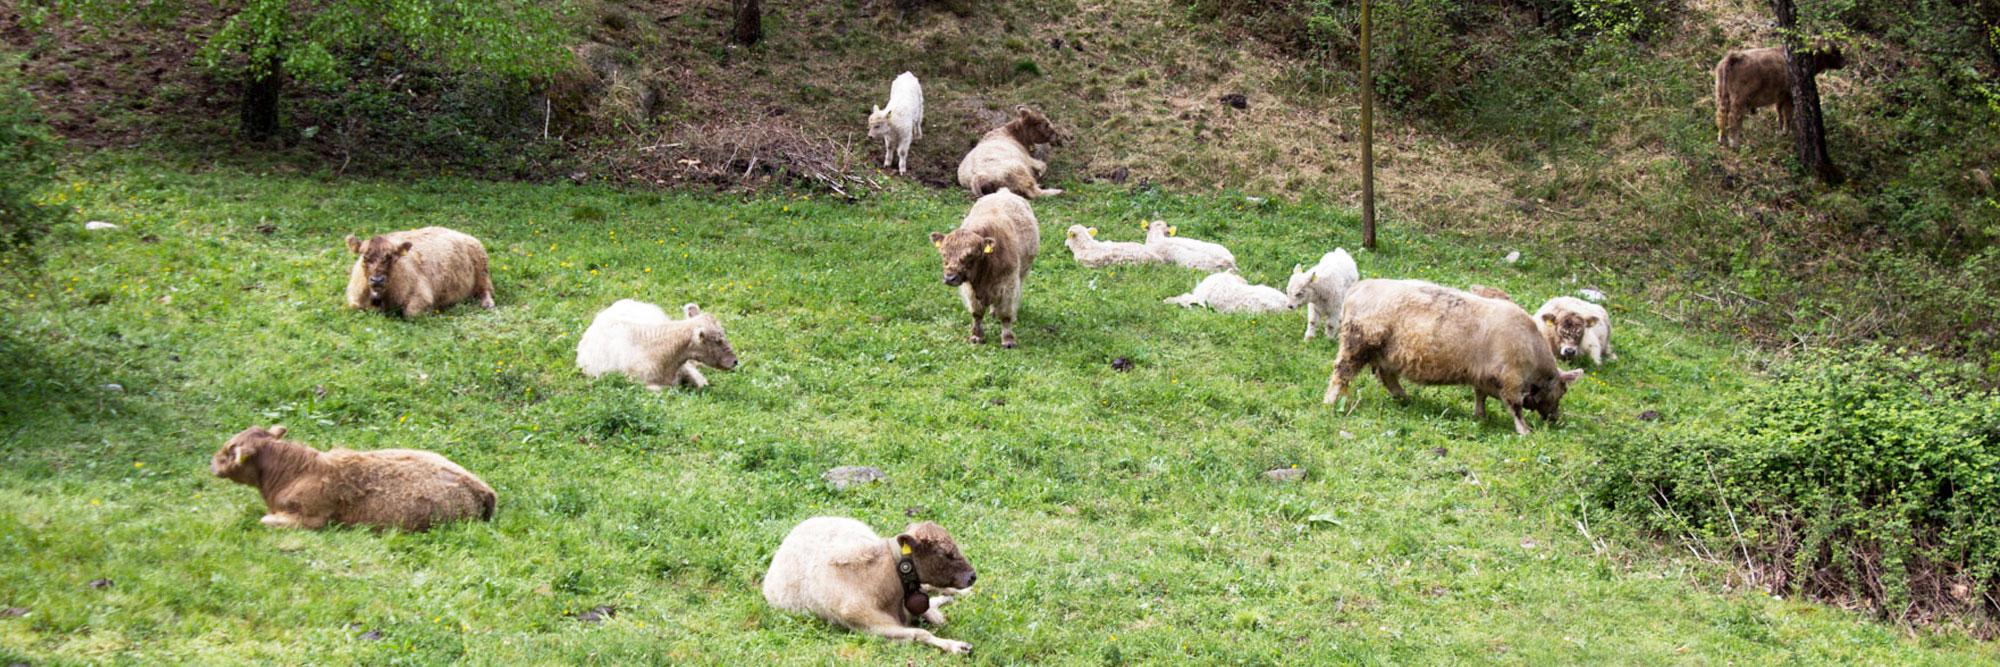 mucche galloway al pascolo